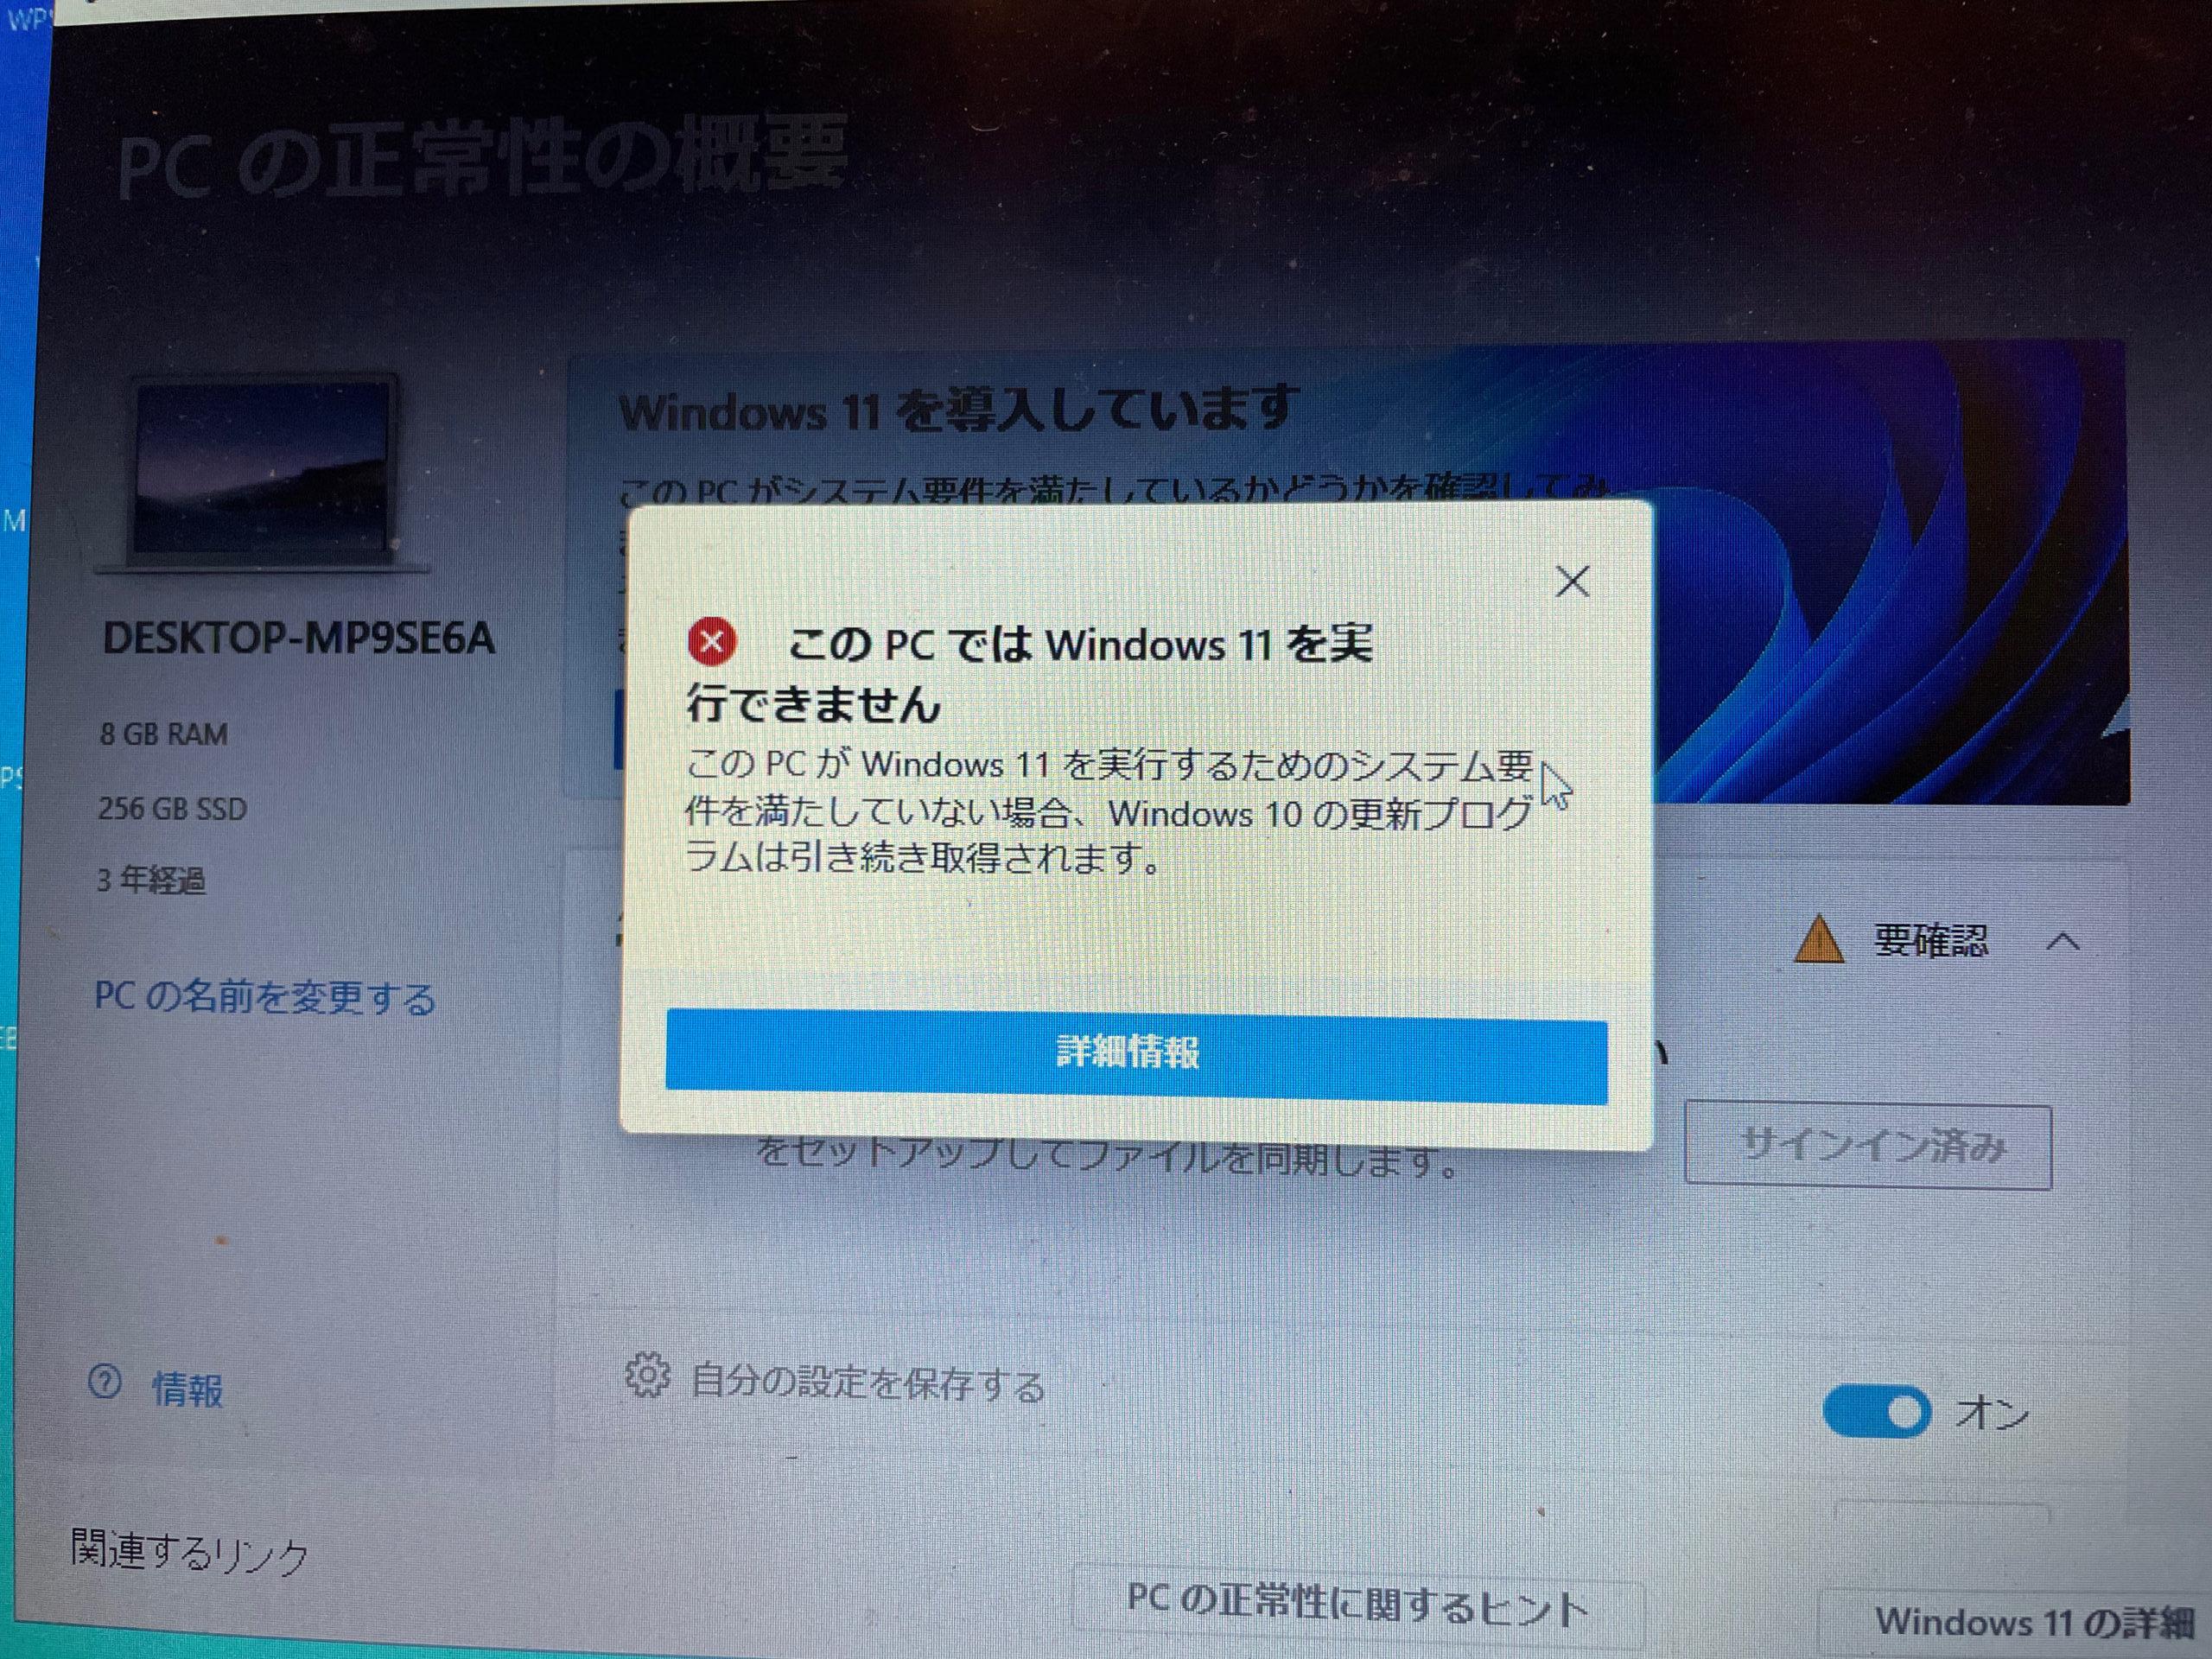 Windows11 にアップデートできない写真